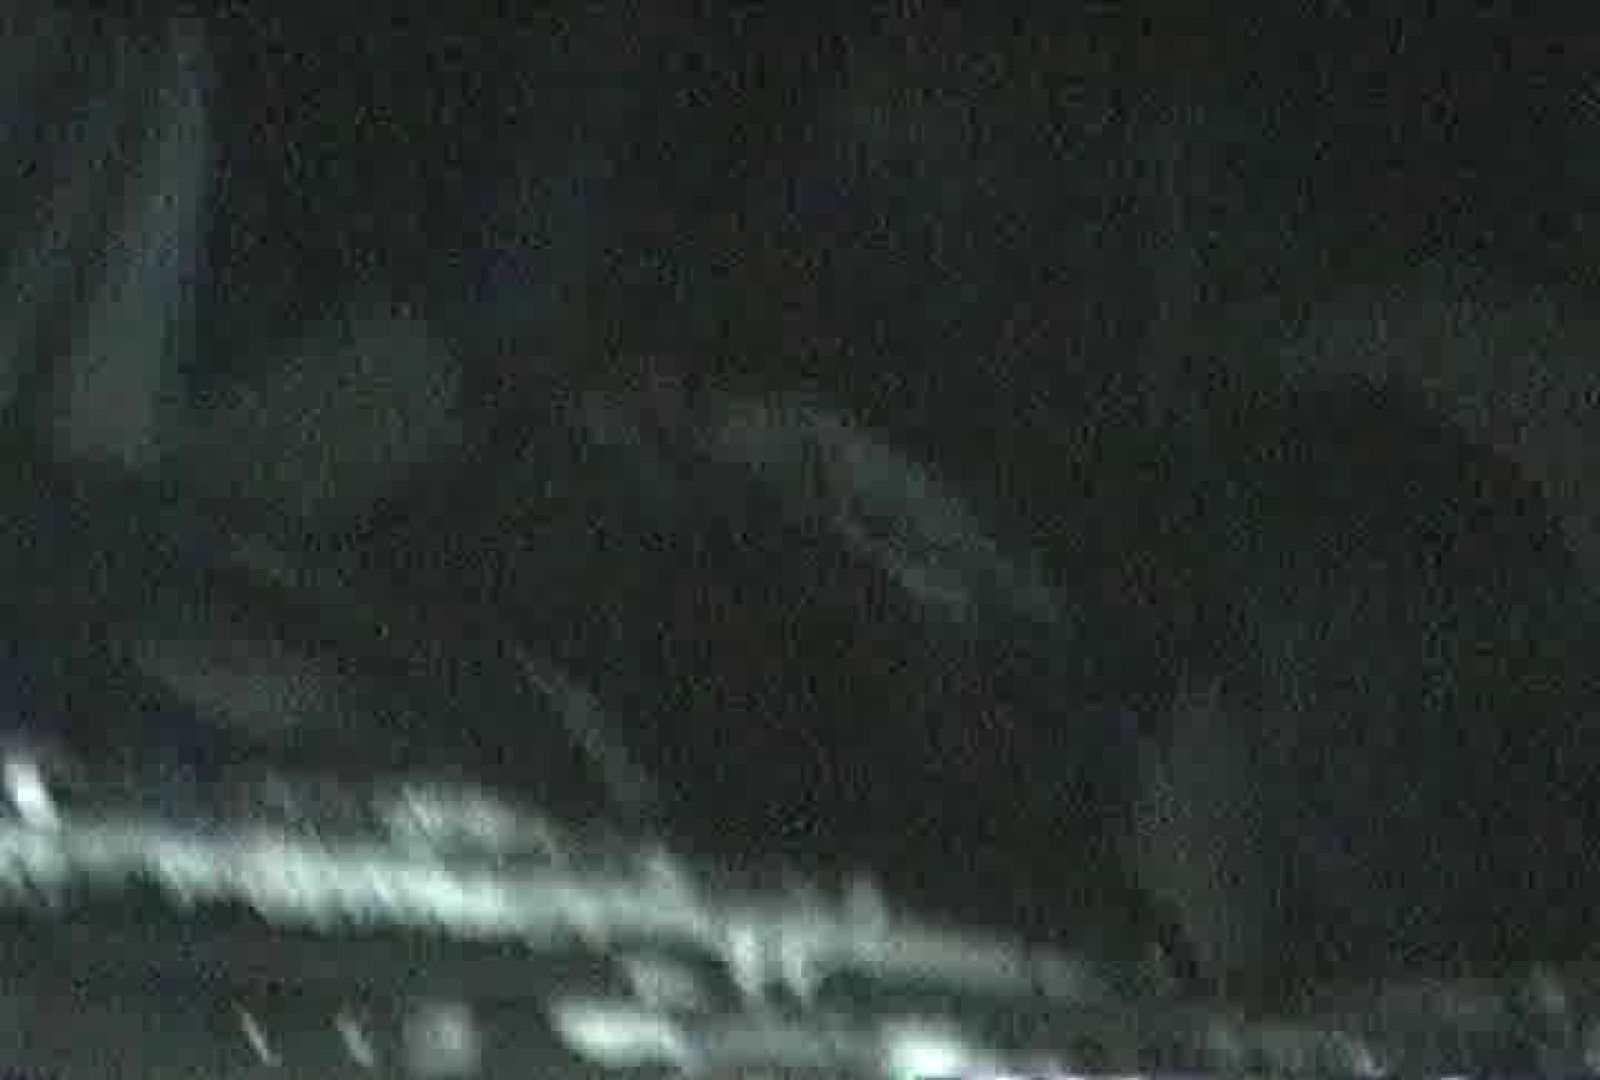 充血監督の深夜の運動会Vol.87 マンコ・ムレムレ | 美しいOLの裸体  83pic 43